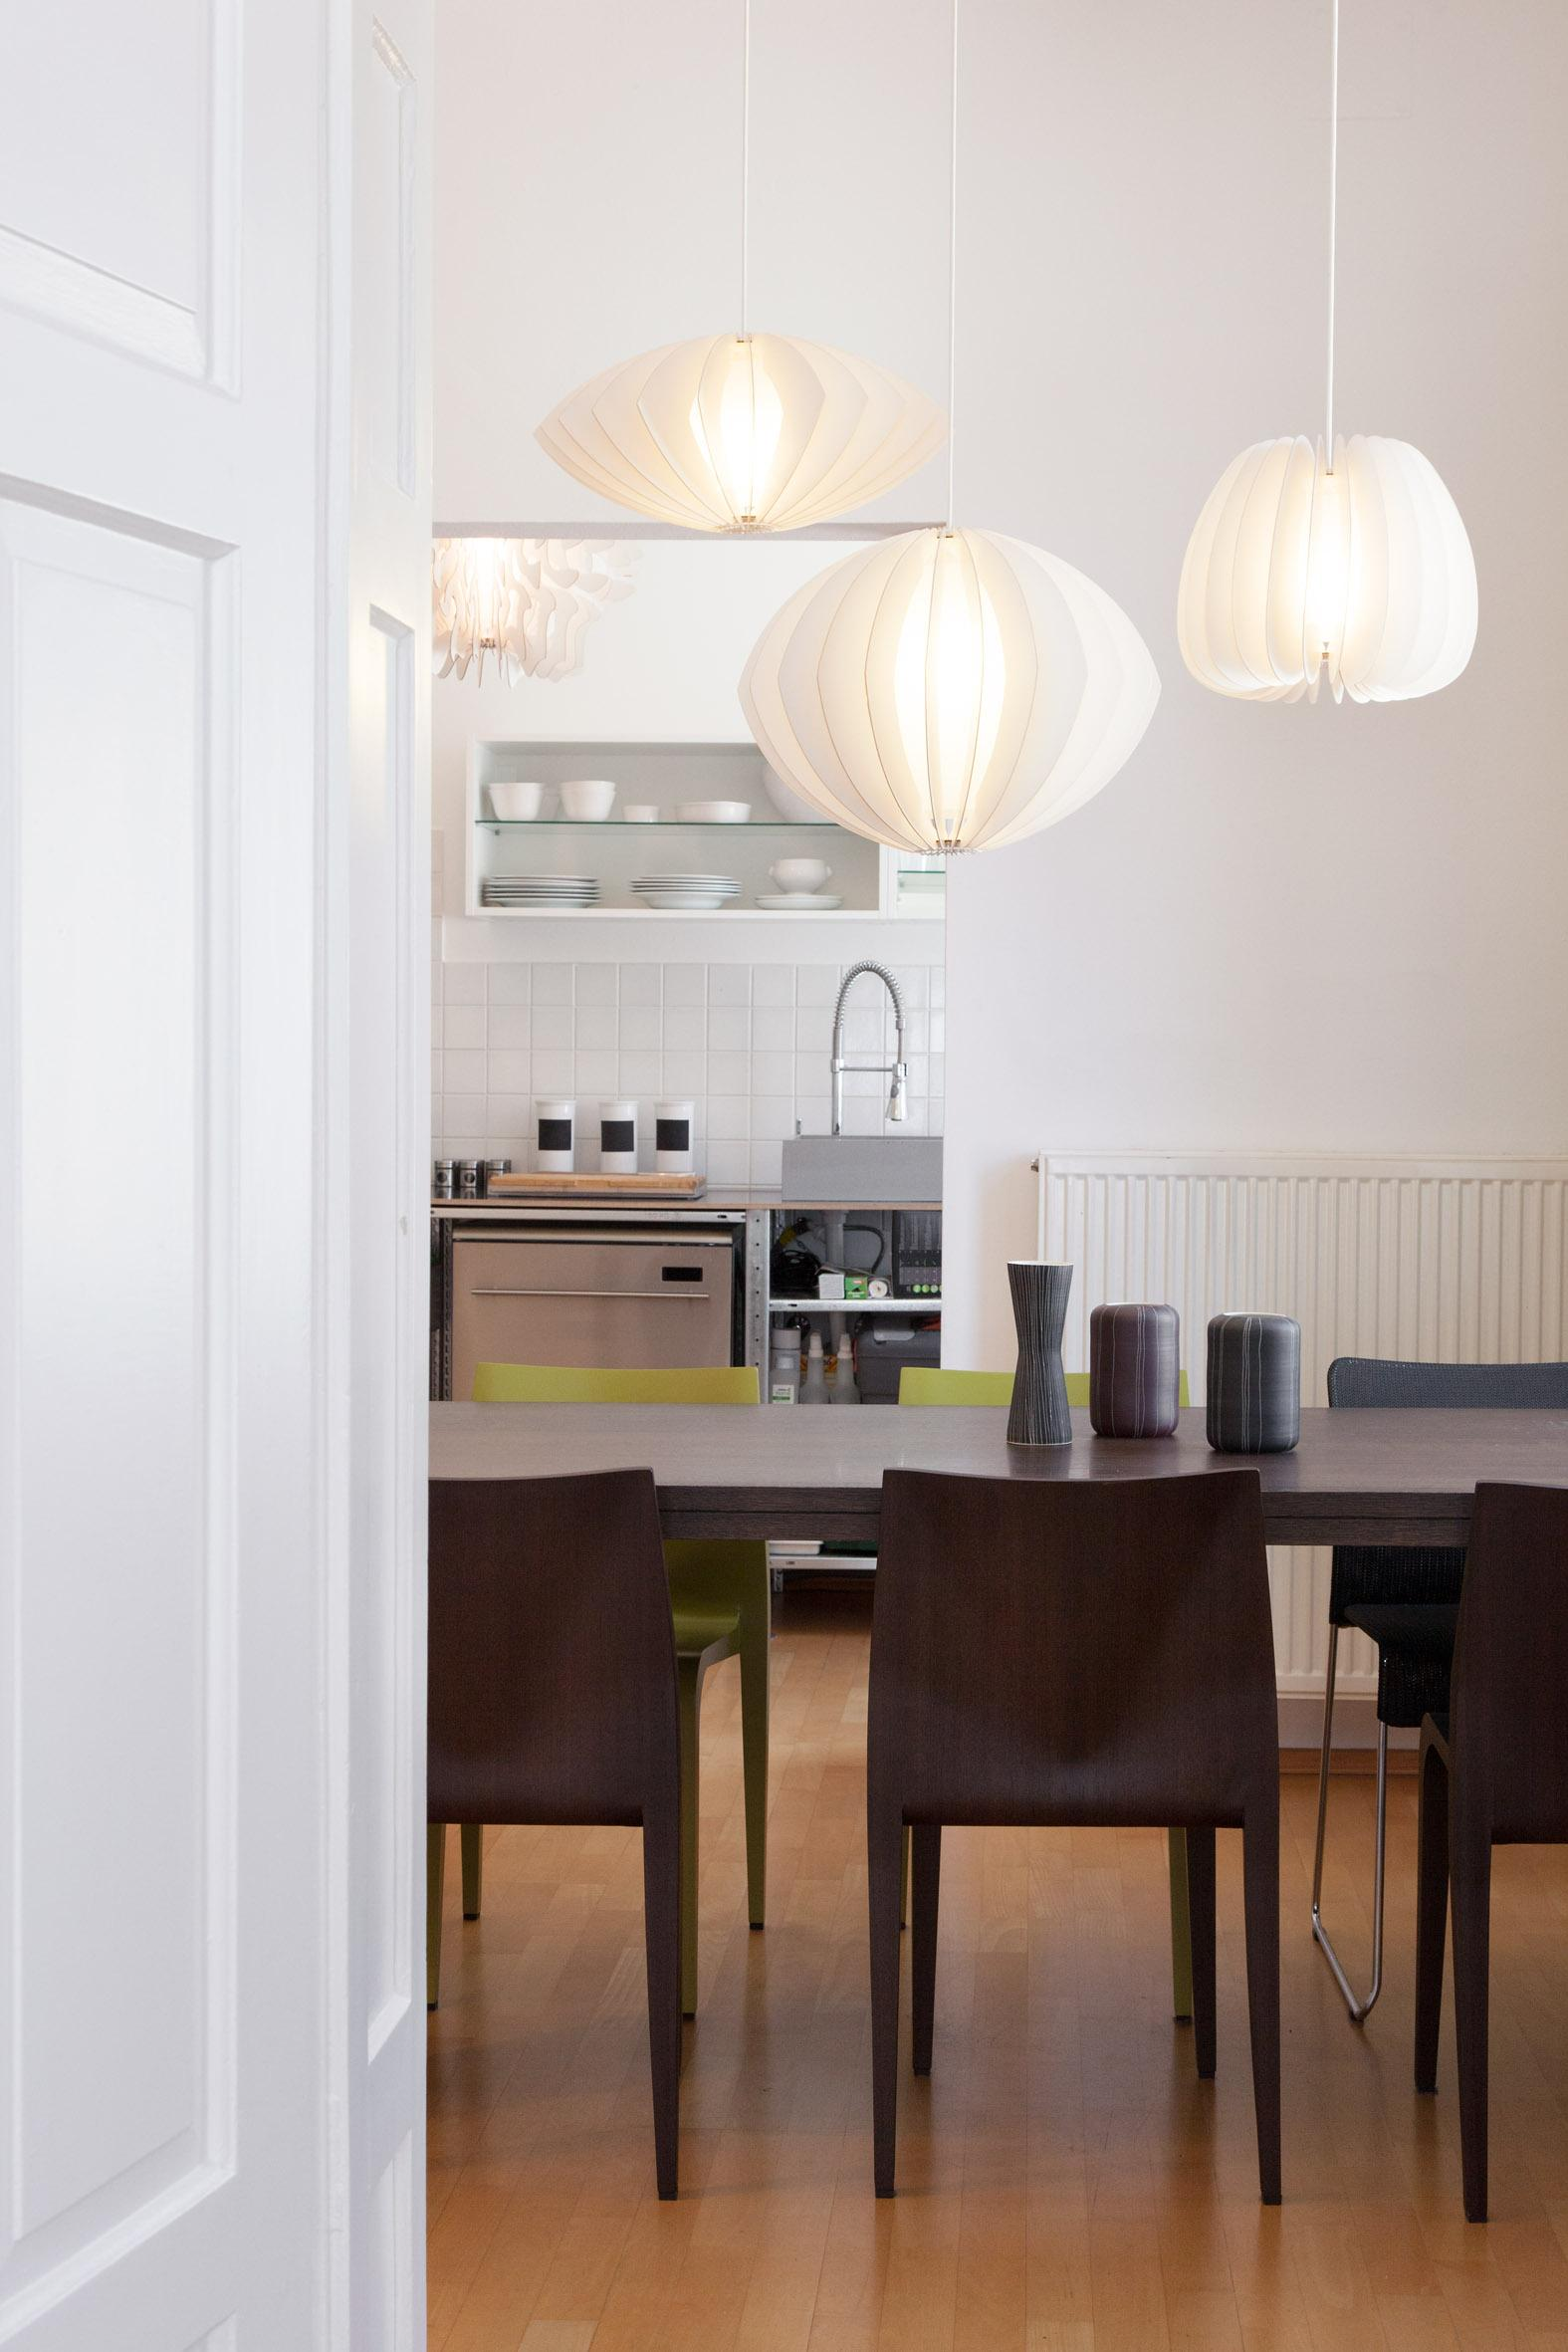 pendellampen kollektion him her k che pendelleucht. Black Bedroom Furniture Sets. Home Design Ideas